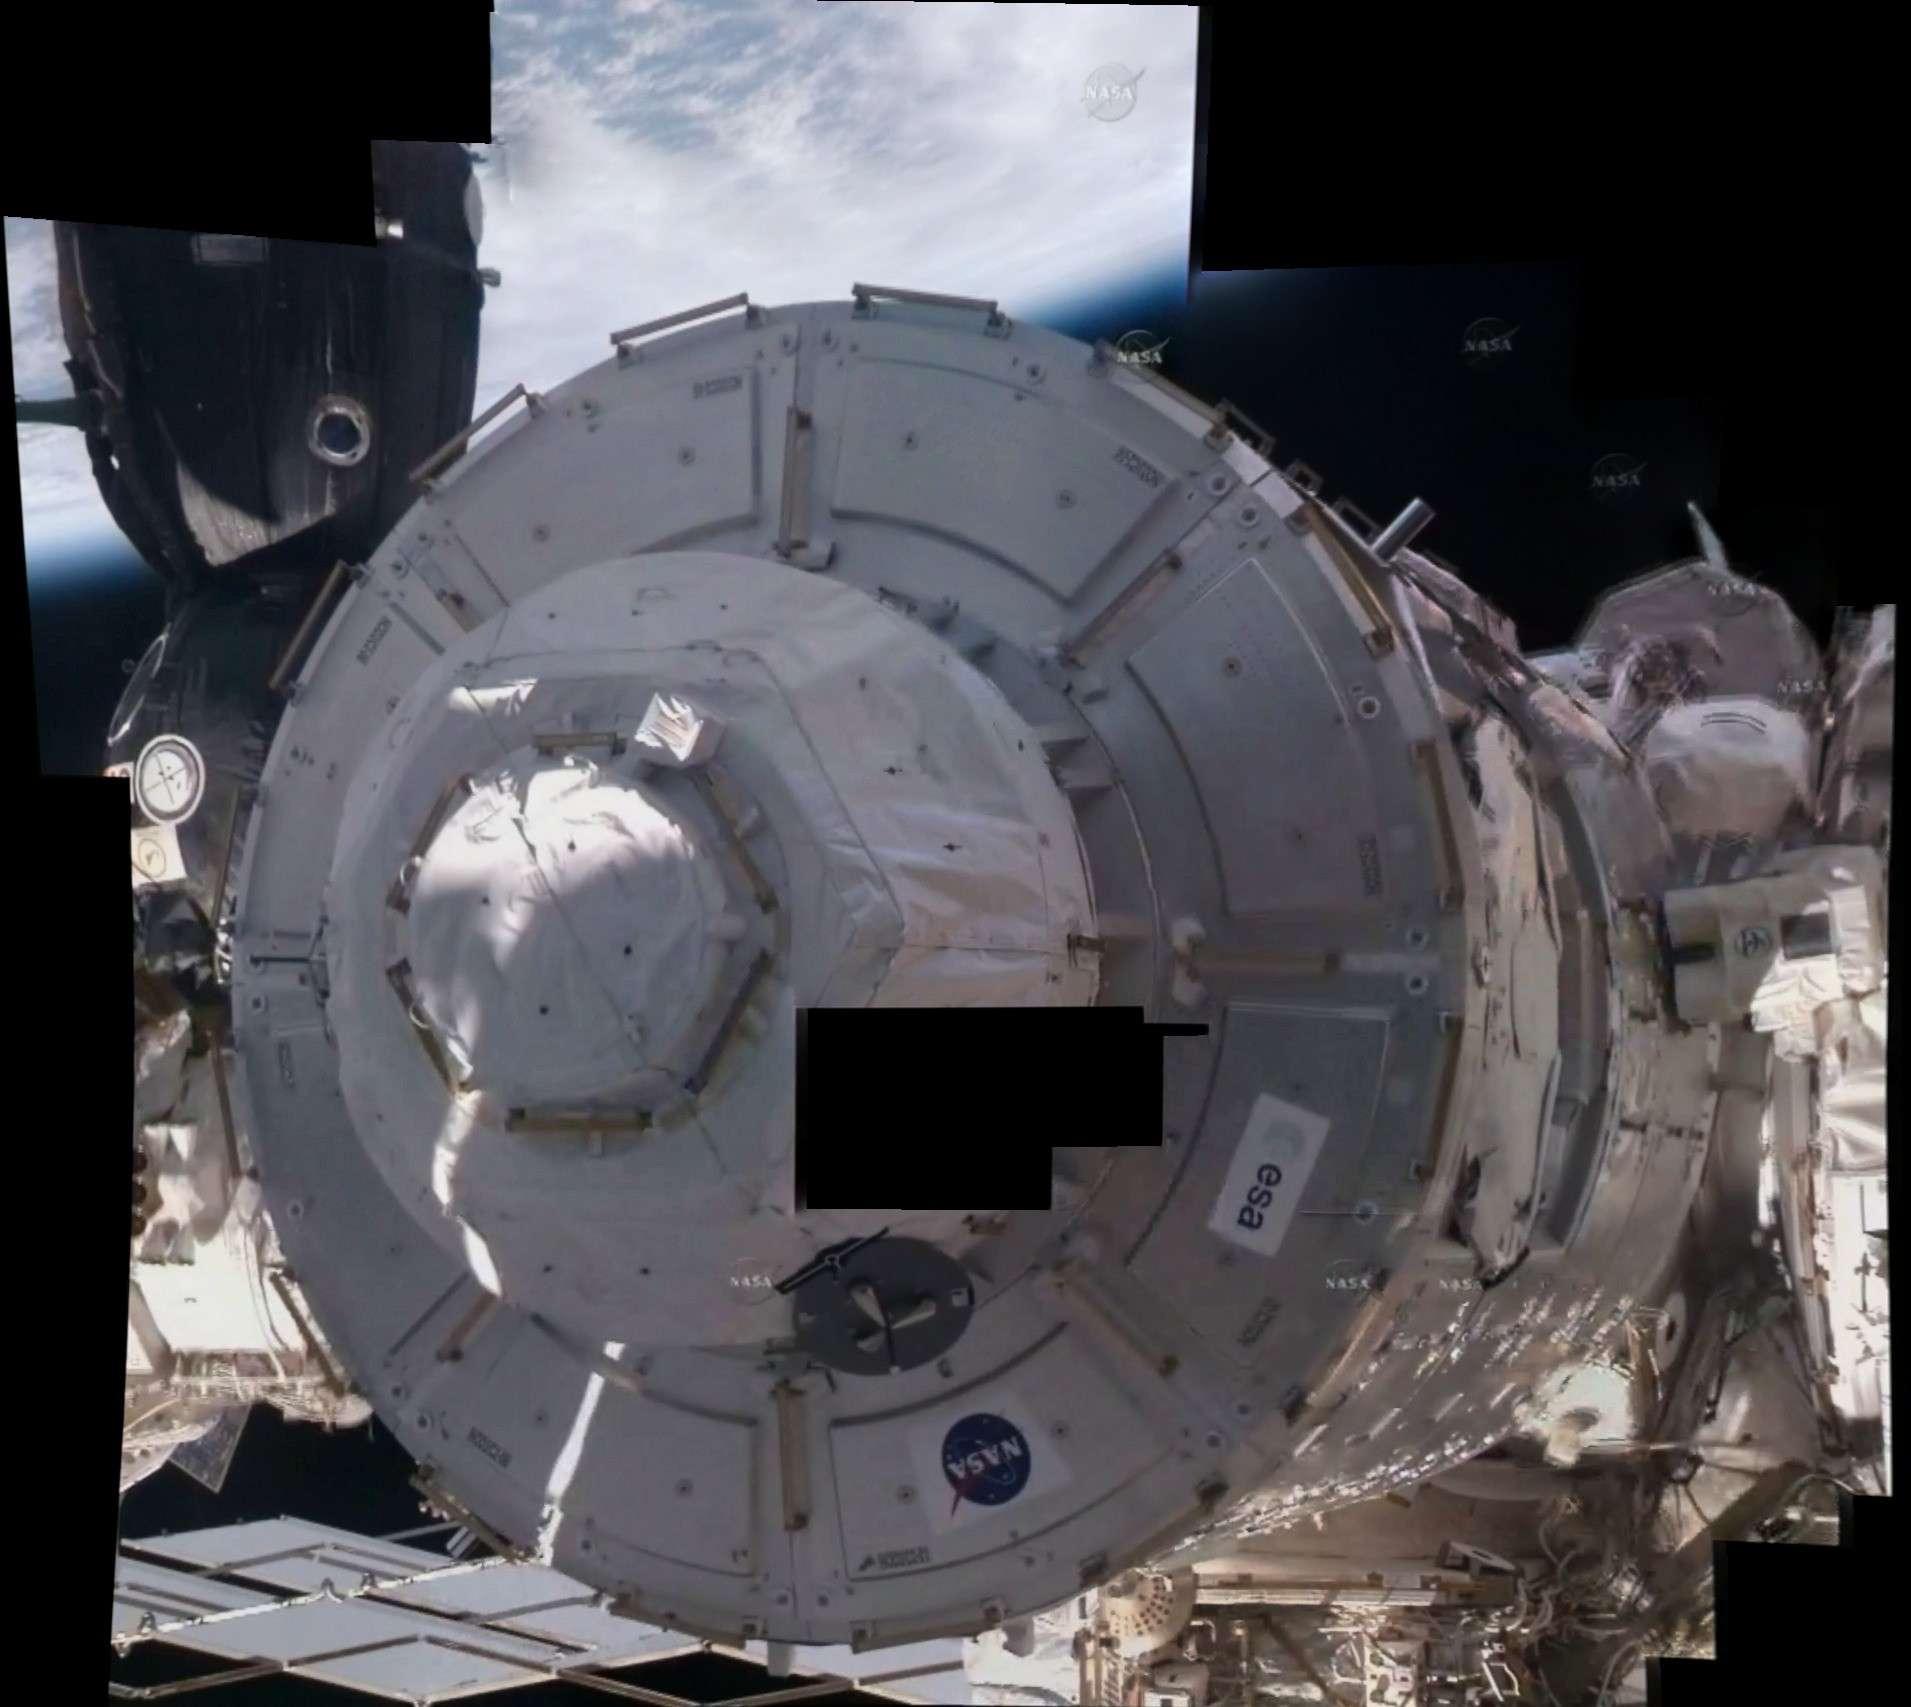 [STS-130] Endeavour : fil dédié au suivi de la mission. - Page 4 Group_18